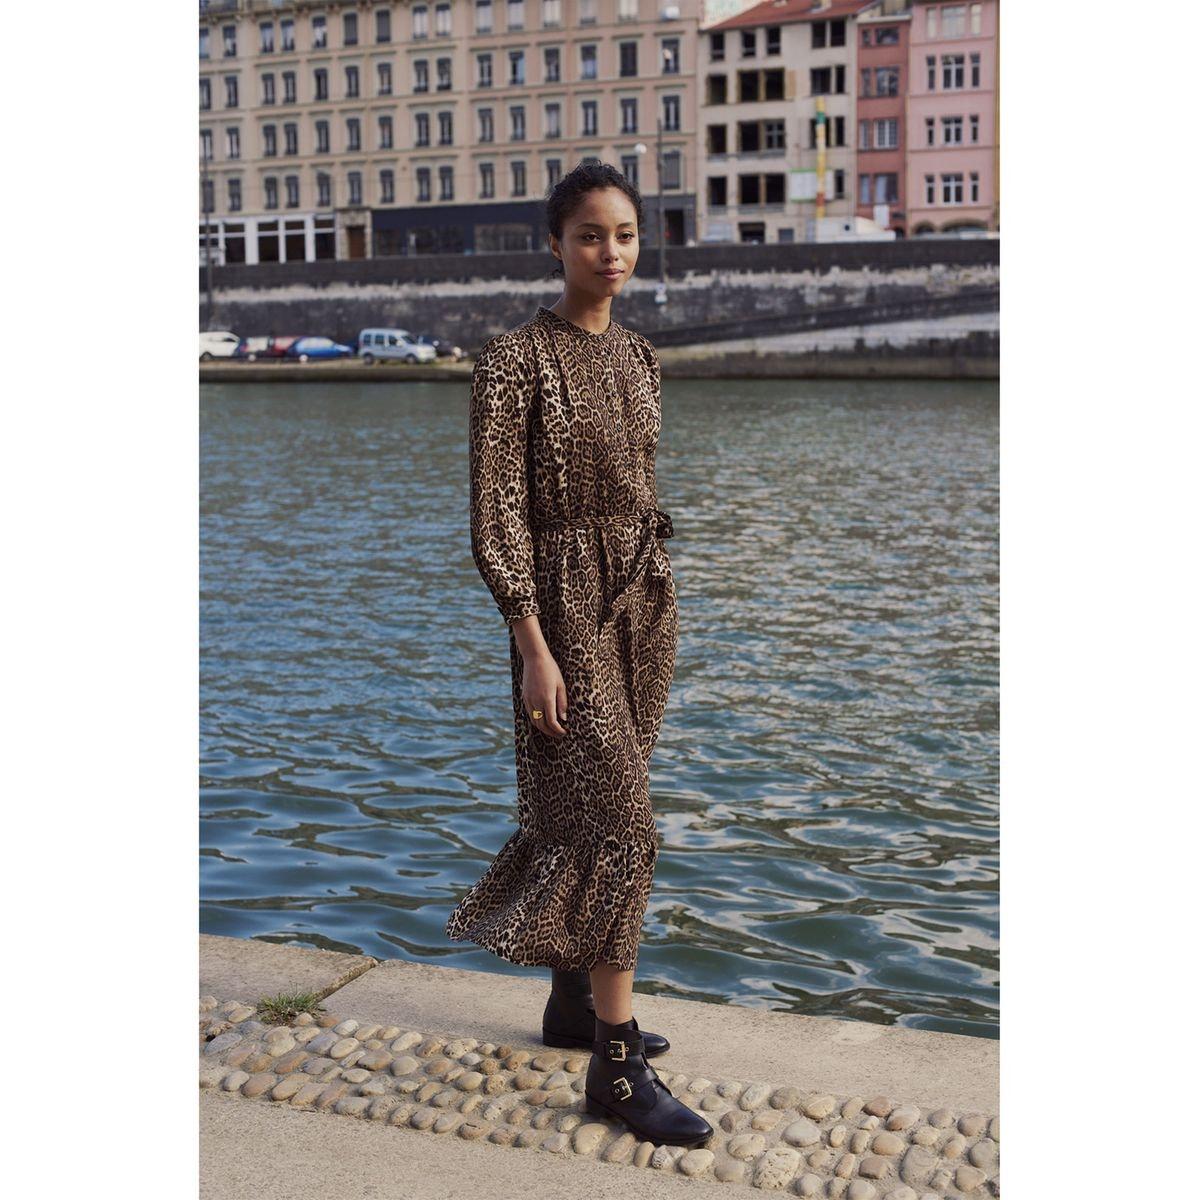 Comment Porter La Robe Longue Avec Style La Redoute